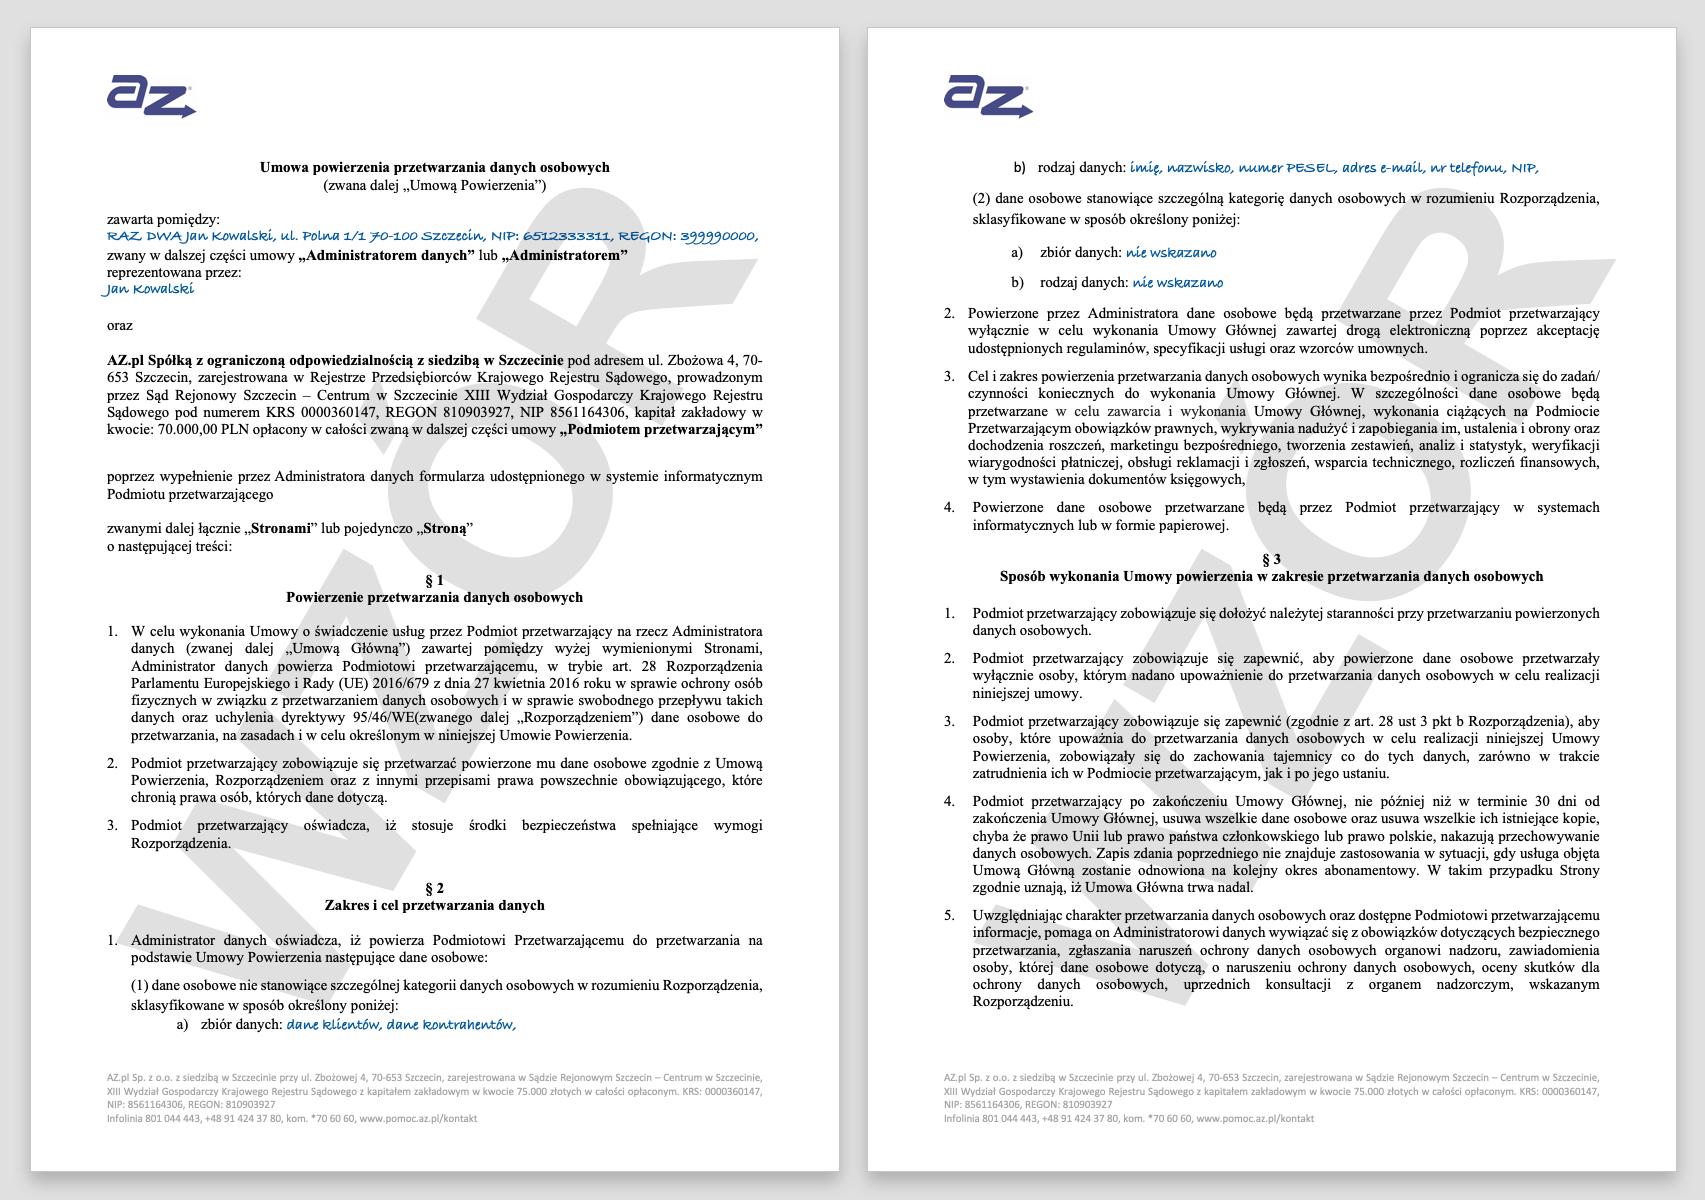 RODO - jak wyglądają przykładowe umowy powierzenia przetwarzania danych w AZ.pl.